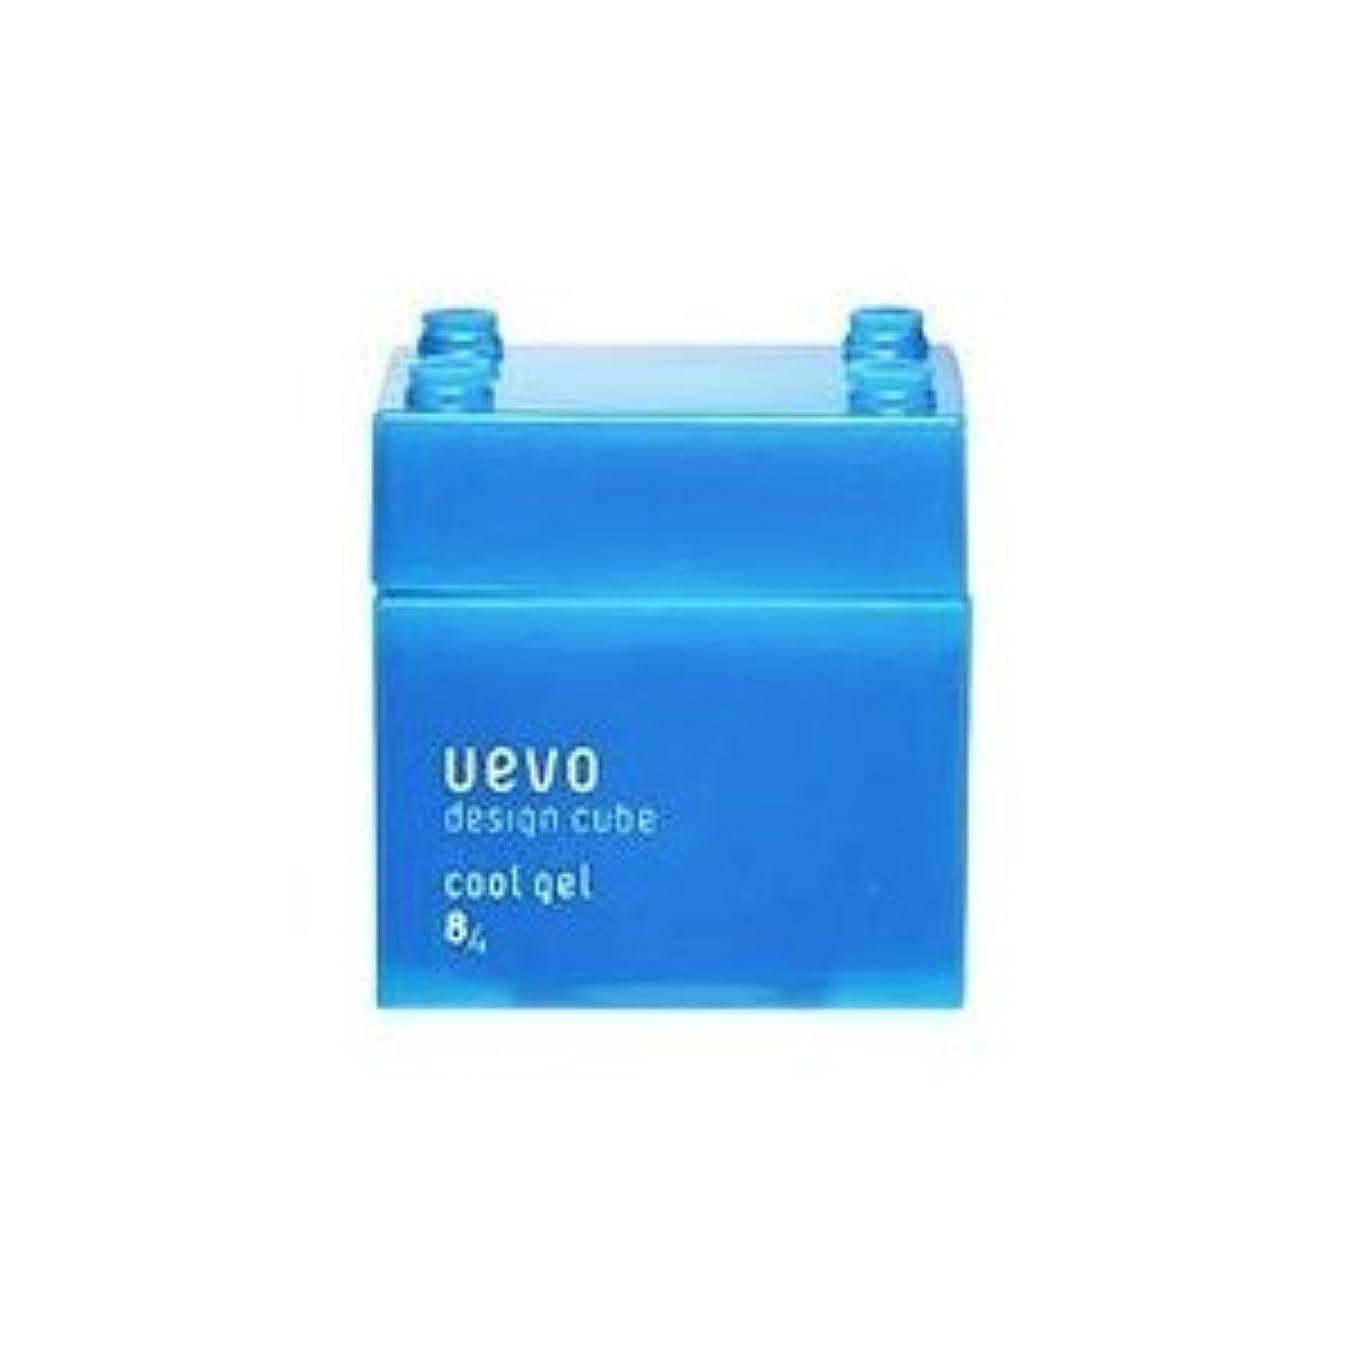 フットボールユーモラス親愛な【X3個セット】 デミ ウェーボ デザインキューブ クールジェル 80g cool gel DEMI uevo design cube